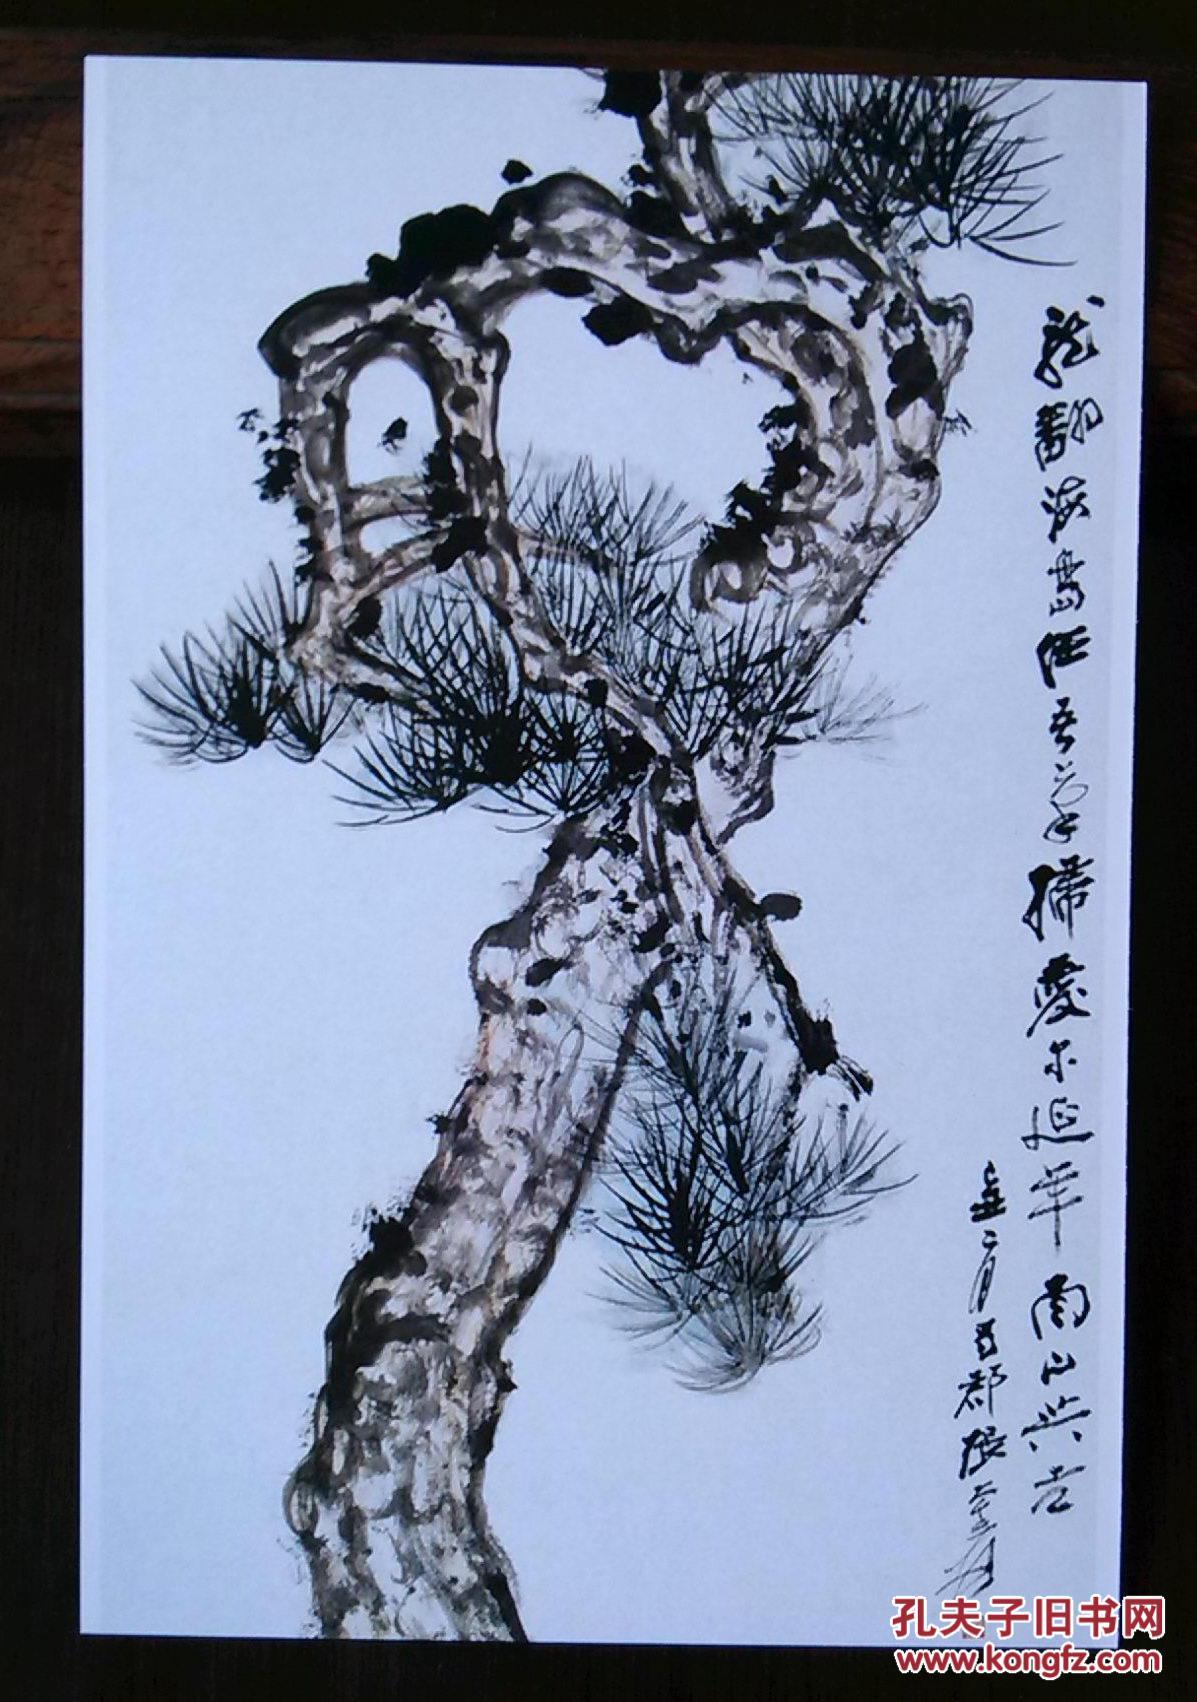 【图】张大千书法绘画作品集锦--松树国画--明信片1图片